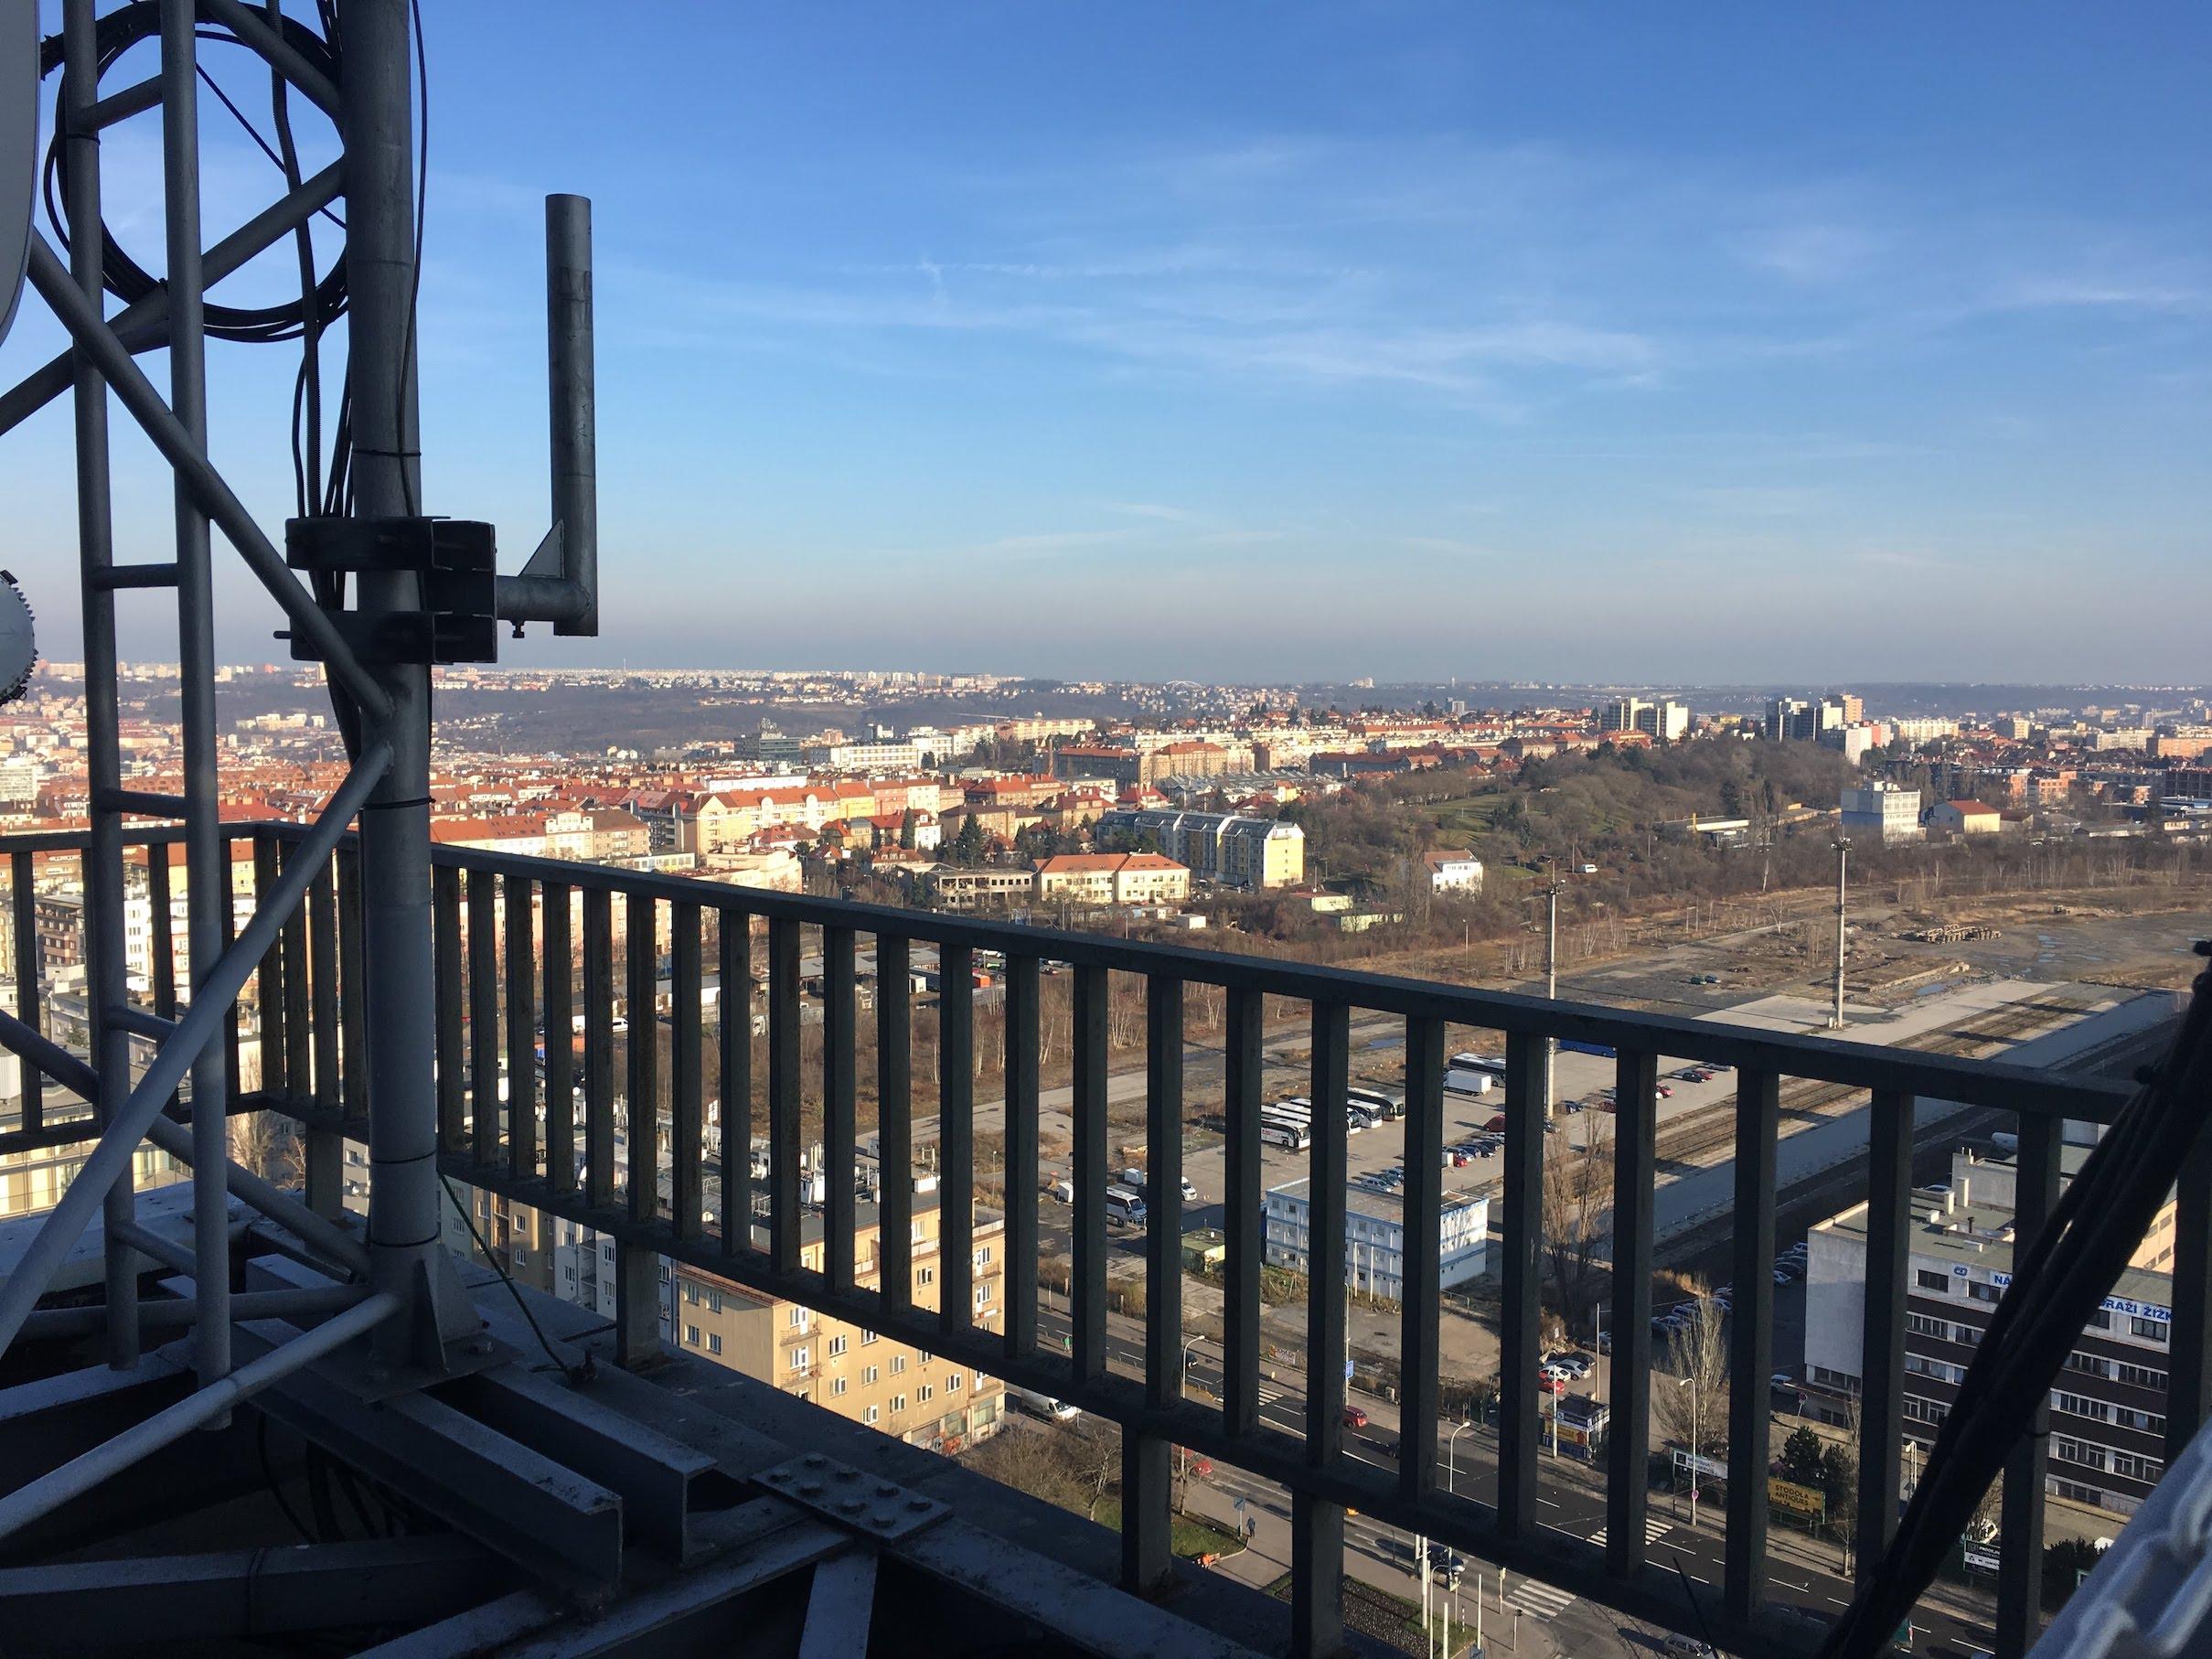 Výhled z věže - severovýchod